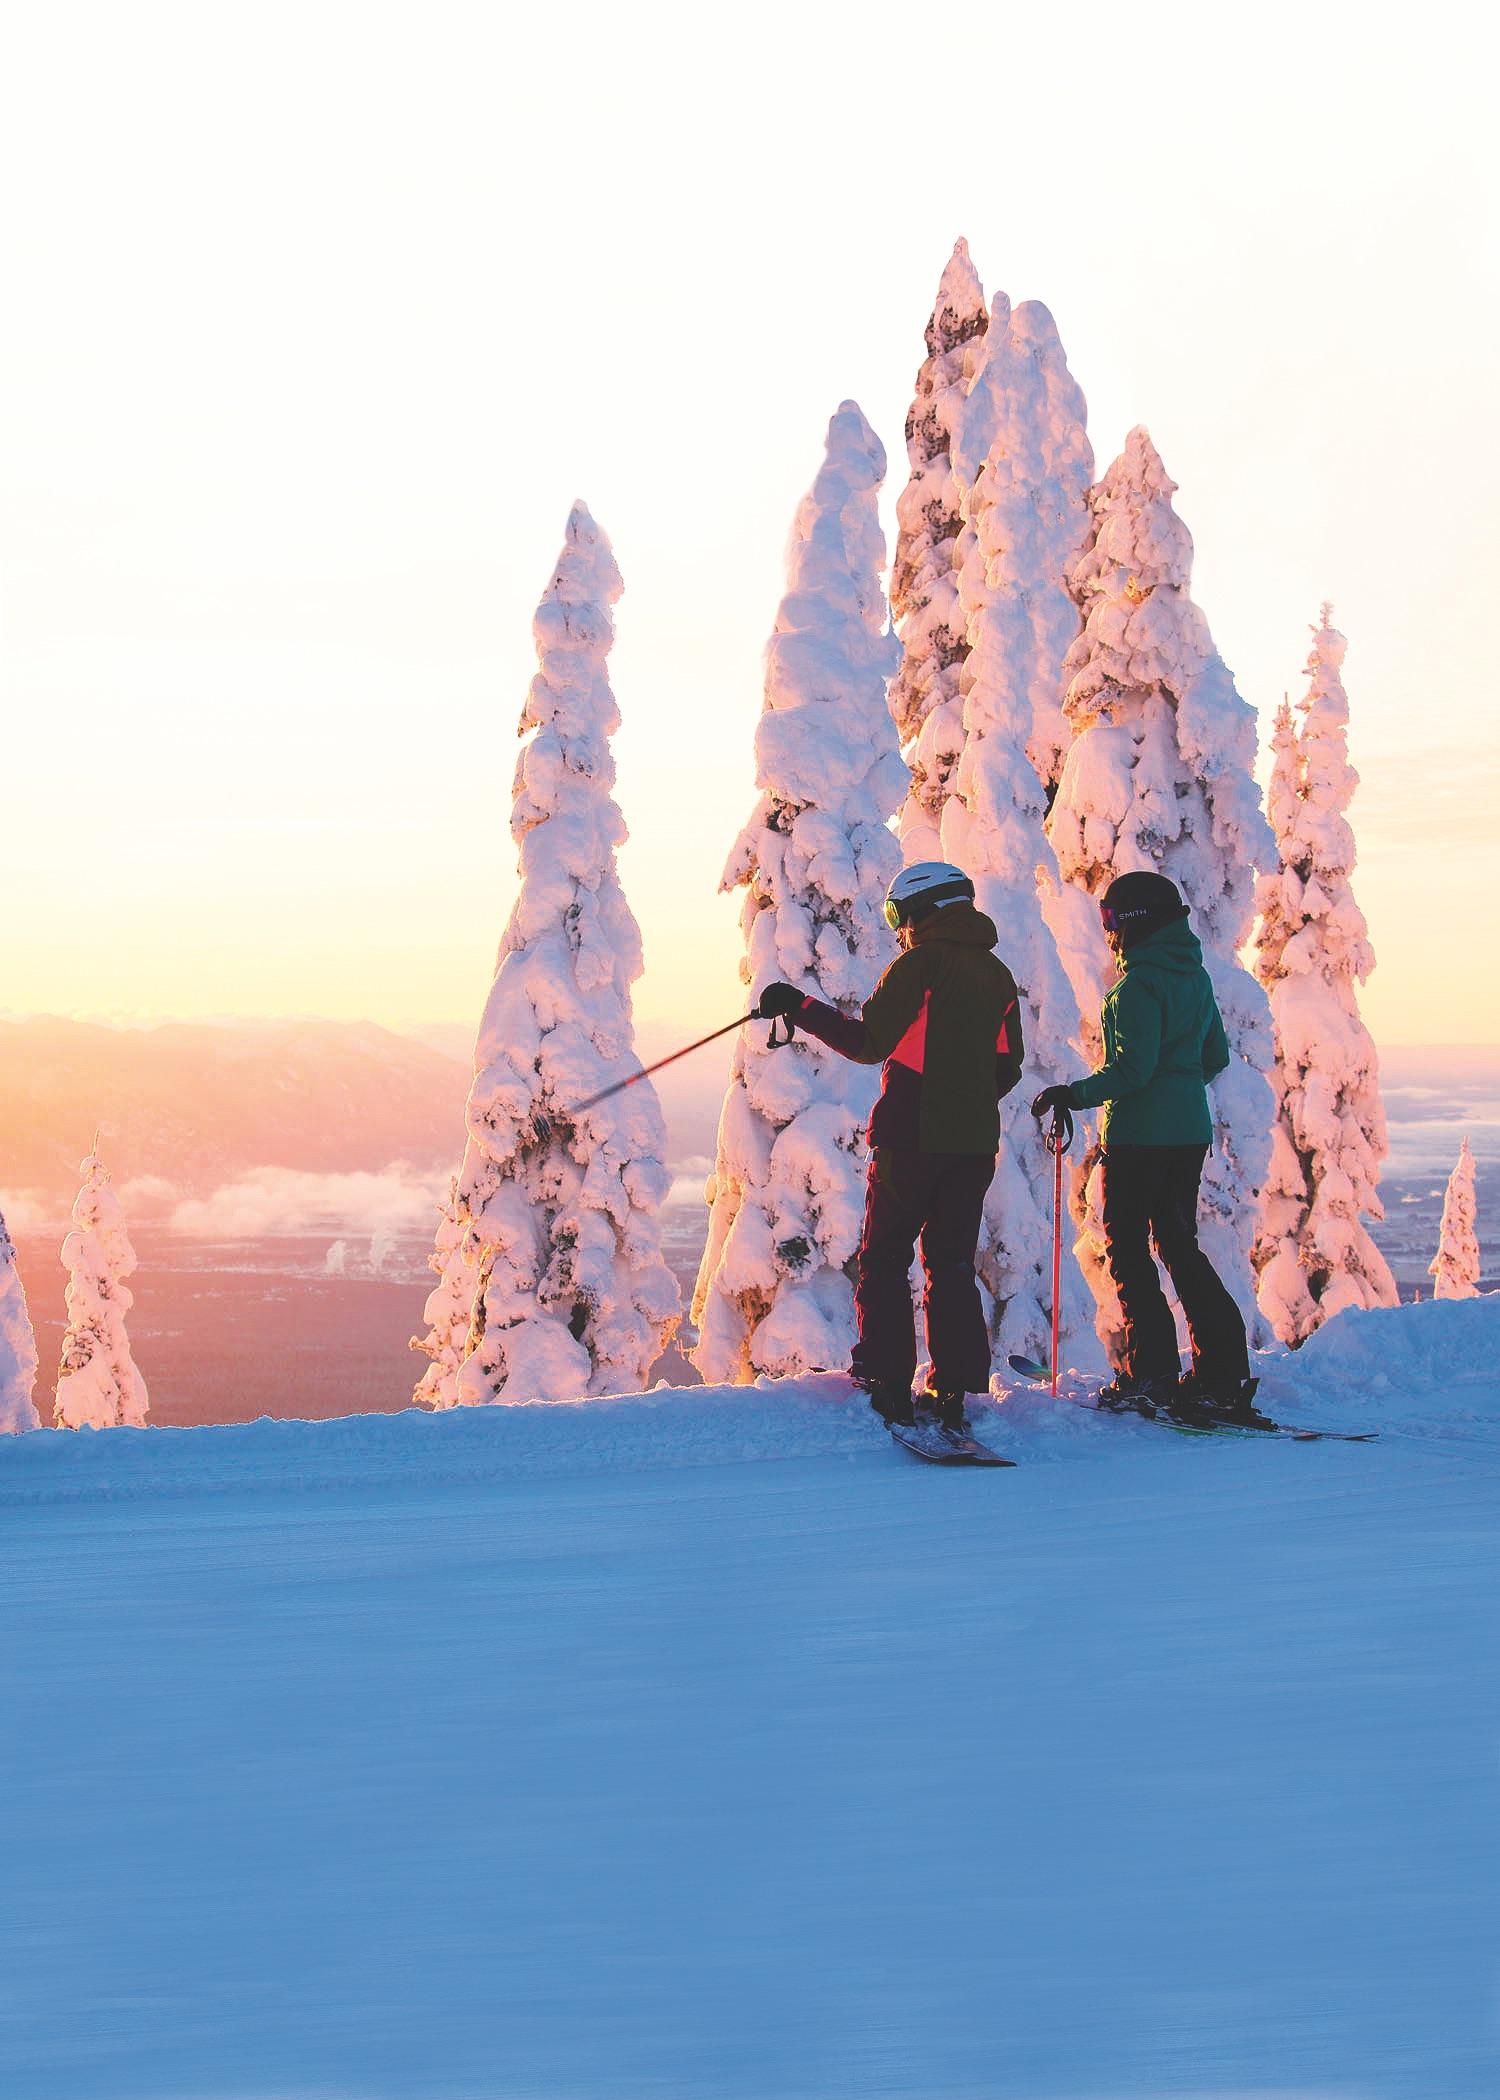 Destination Skier